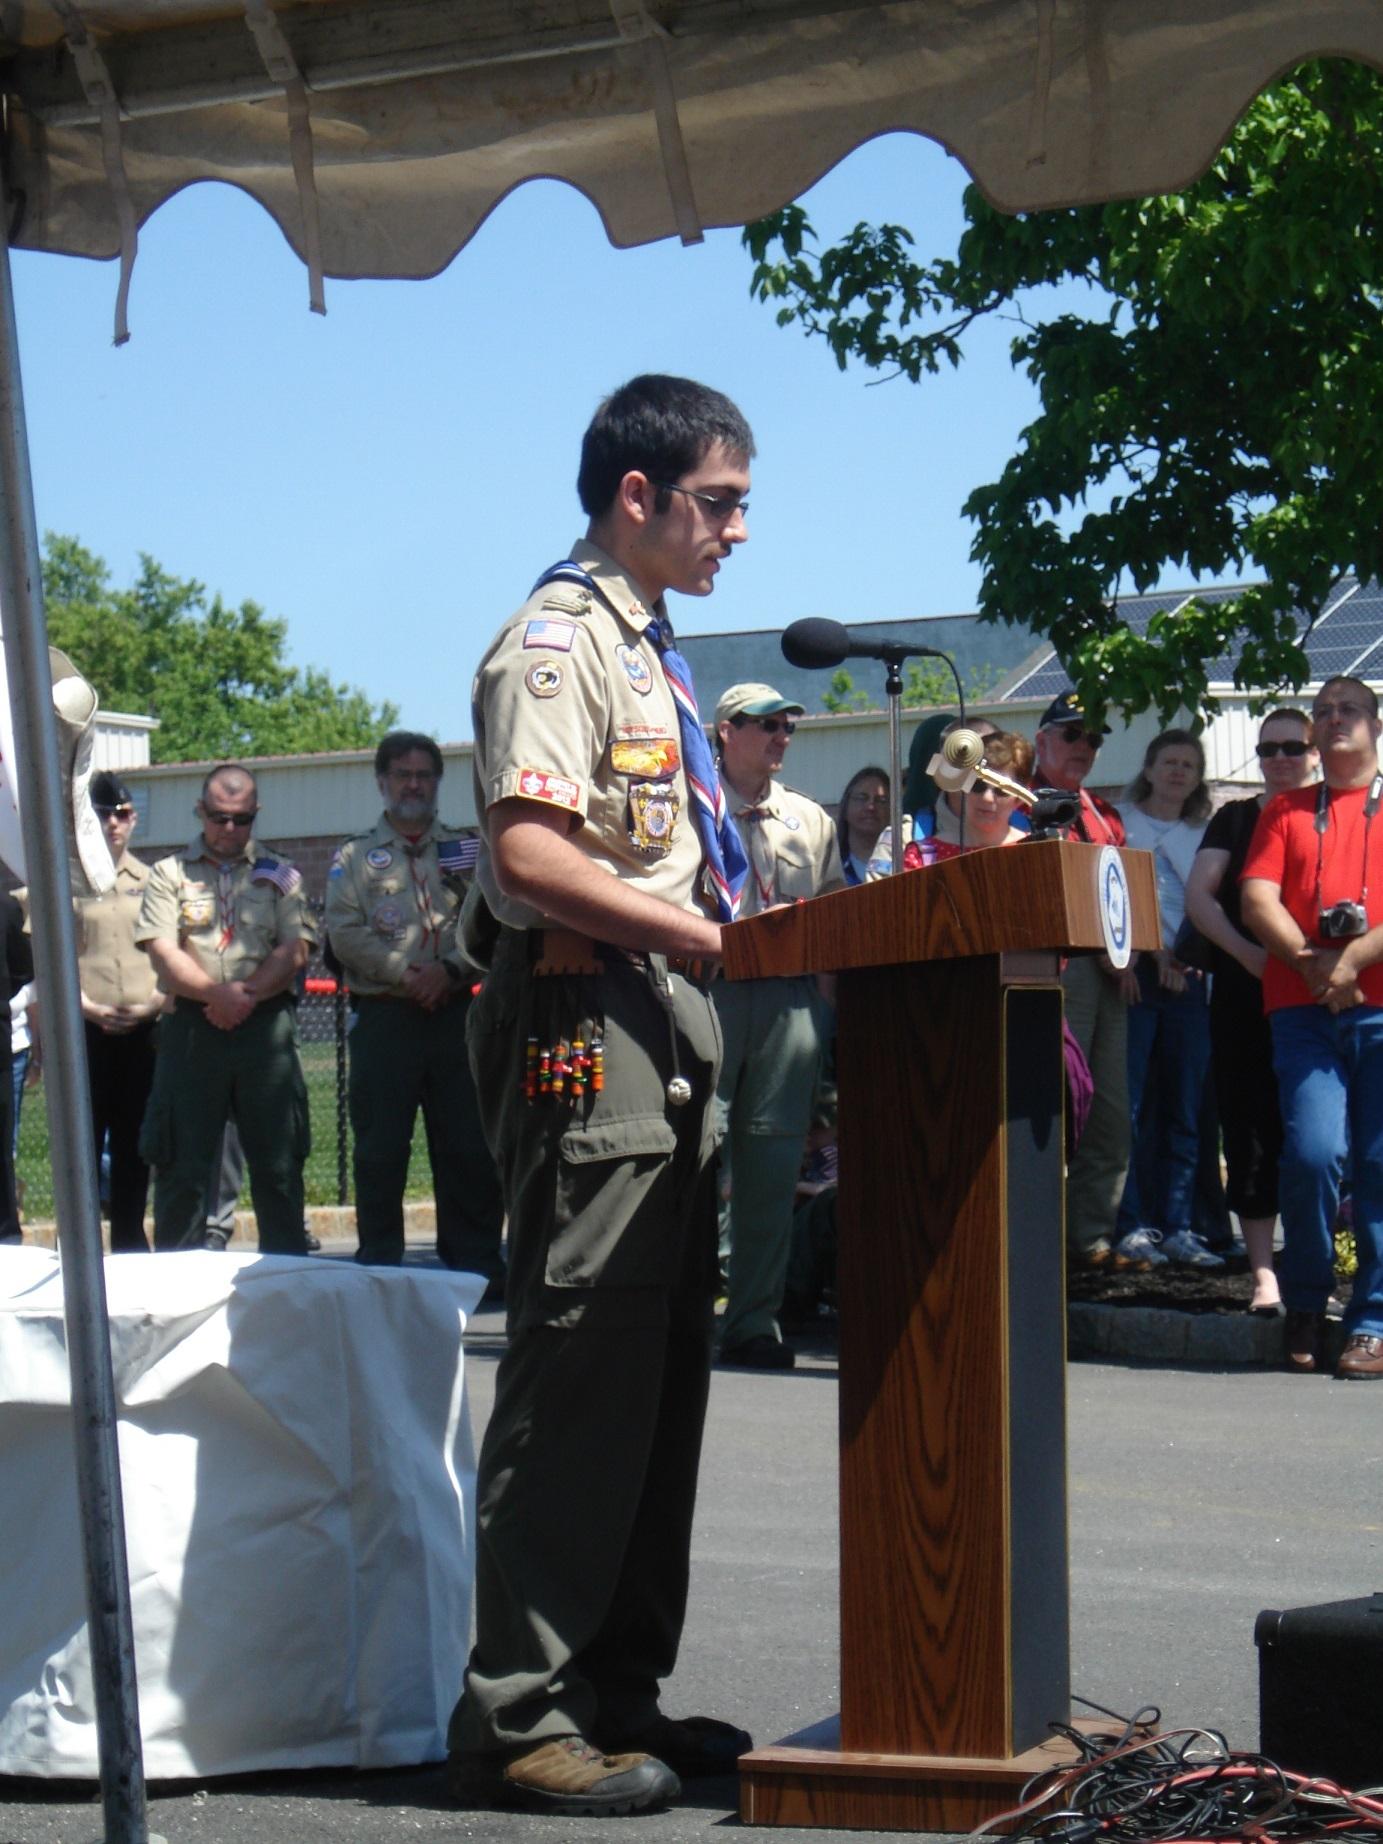 fb02df71eda05bff4e96_Memorial_Day_Parade_024.JPG